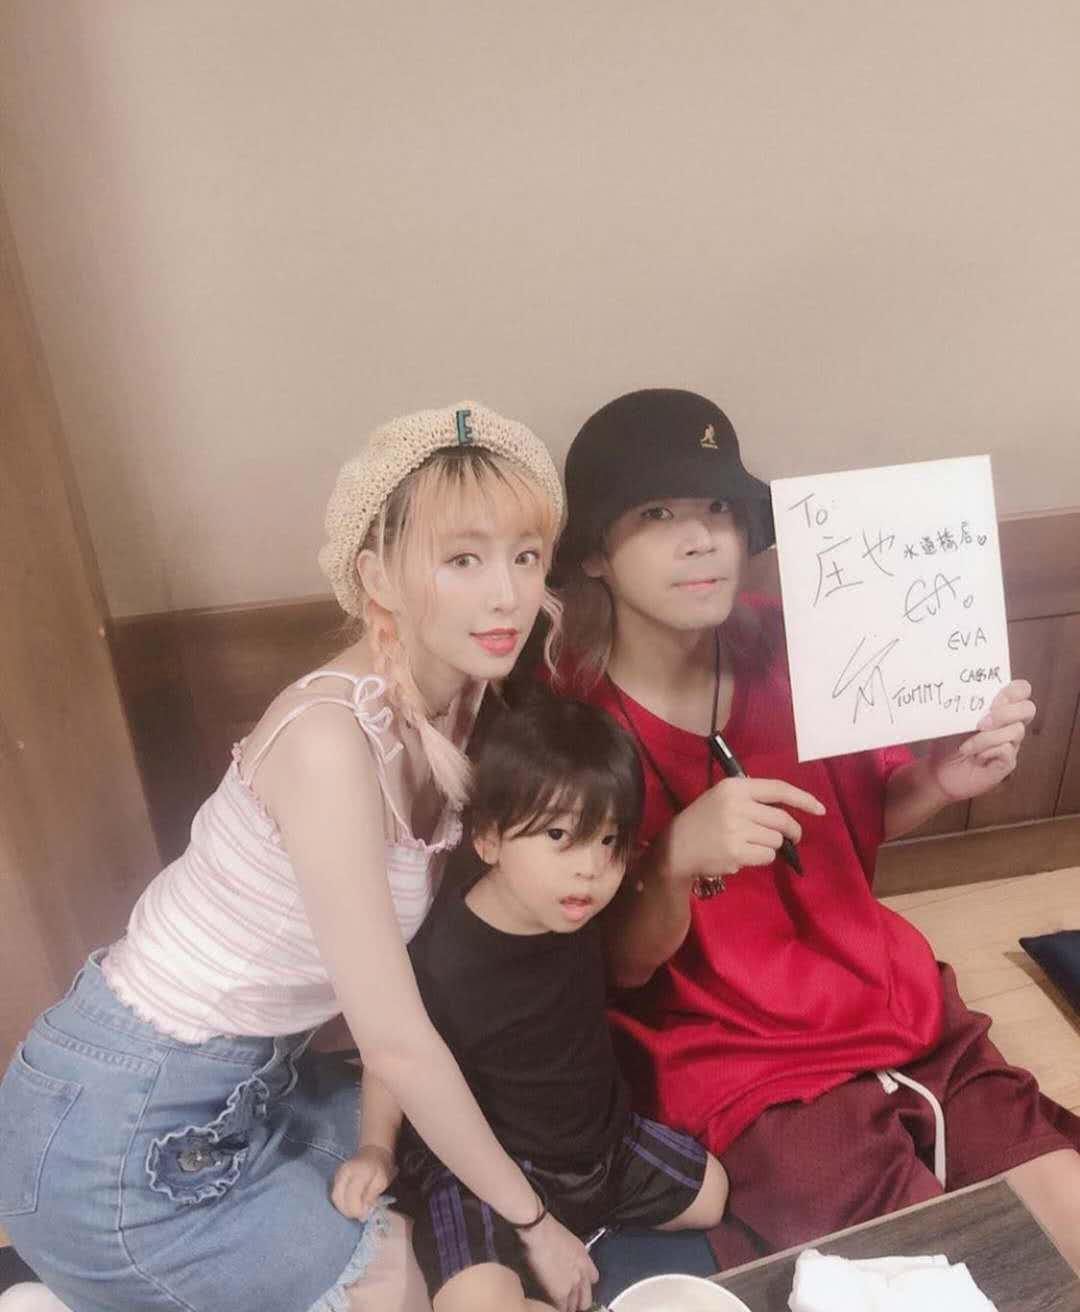 香港男星自爆妻子曾被天王巨星邀约去酒店,网友柯南上身锁定嫌疑人